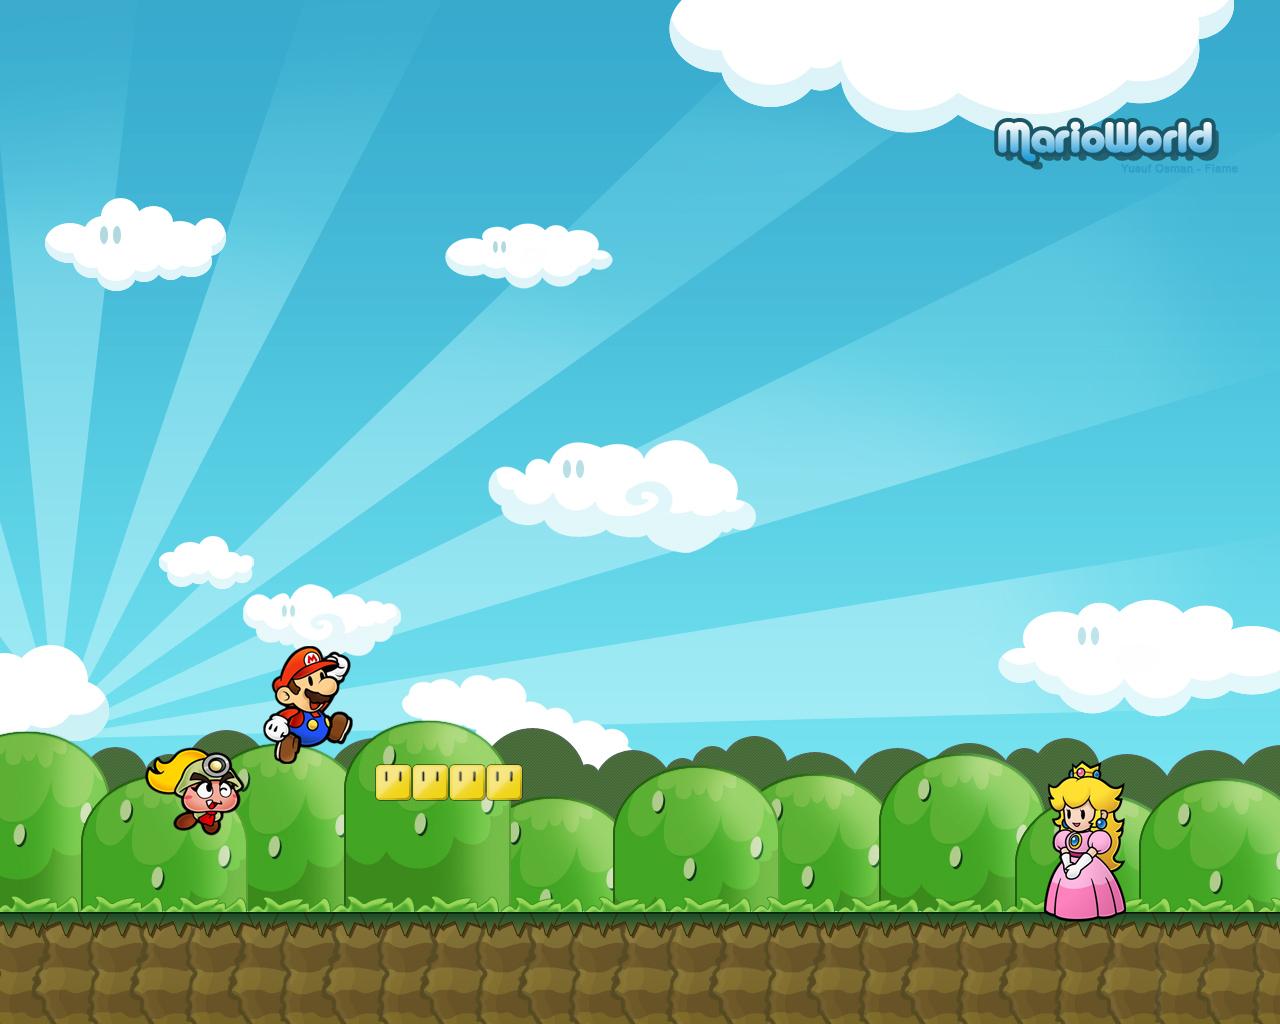 https://i0.wp.com/images2.fanpop.com/images/photos/5400000/Mario-Wallpaper-super-mario-bros-5429814-1280-1024.jpg